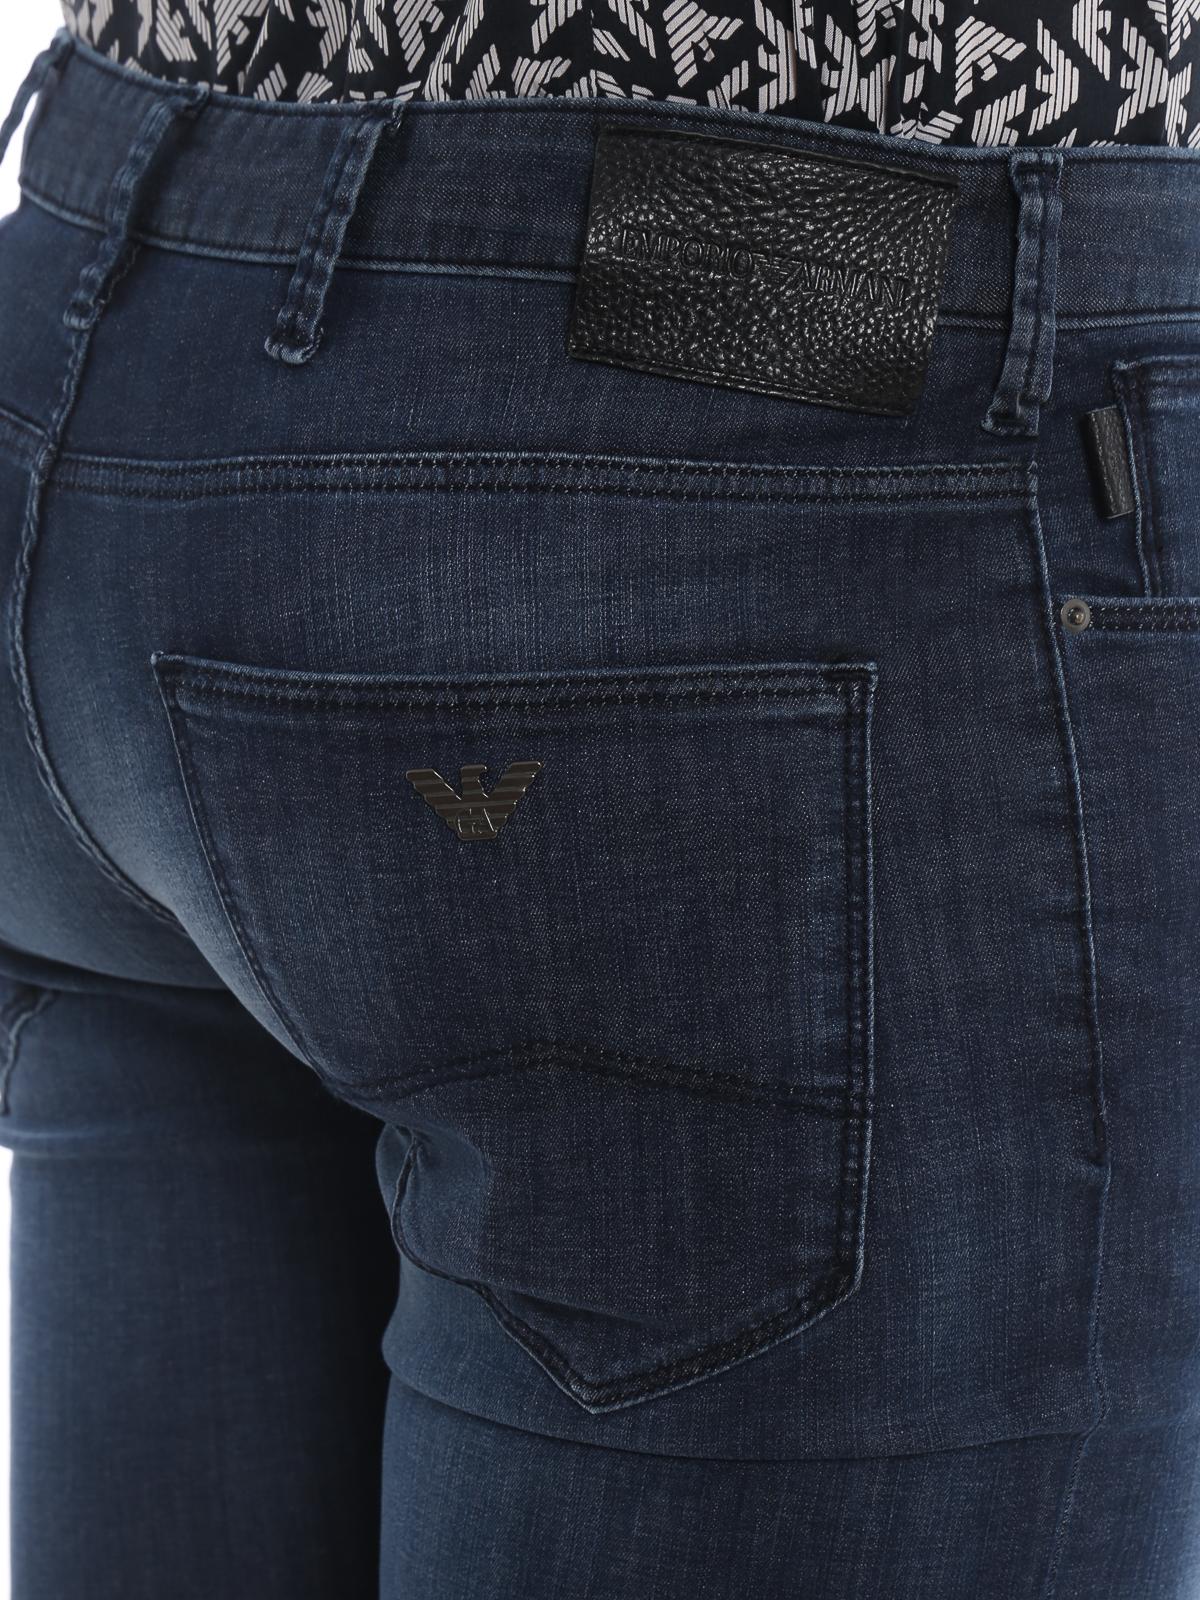 3f160e21 Emporio Armani - J06 slim fit faded jeans - straight leg jeans ...